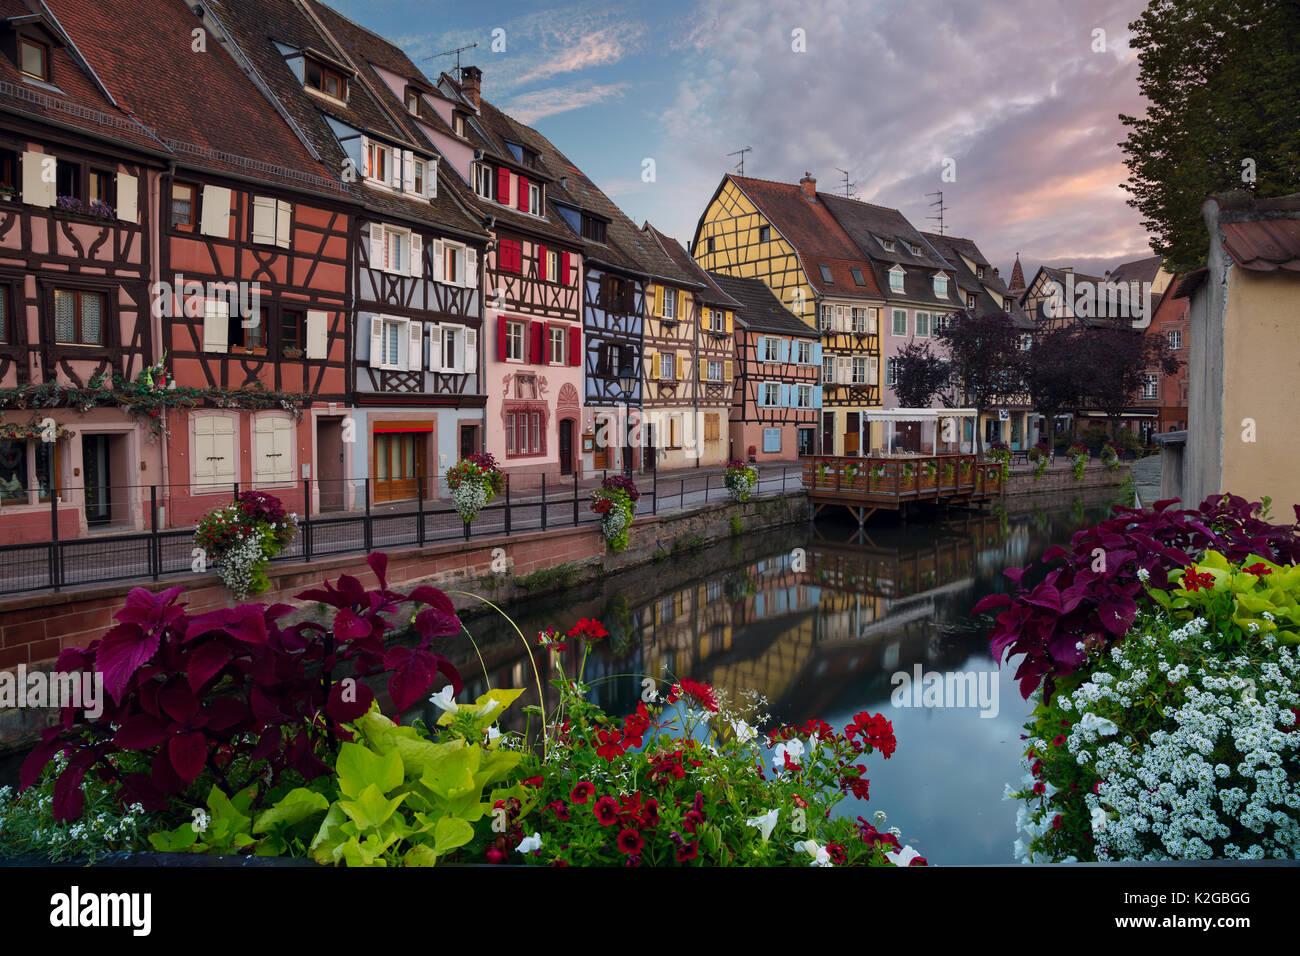 Stadt von Colmar. Stadtbild das Bild der Altstadt von Colmar, Frankreich während des Sonnenuntergangs. Stockbild